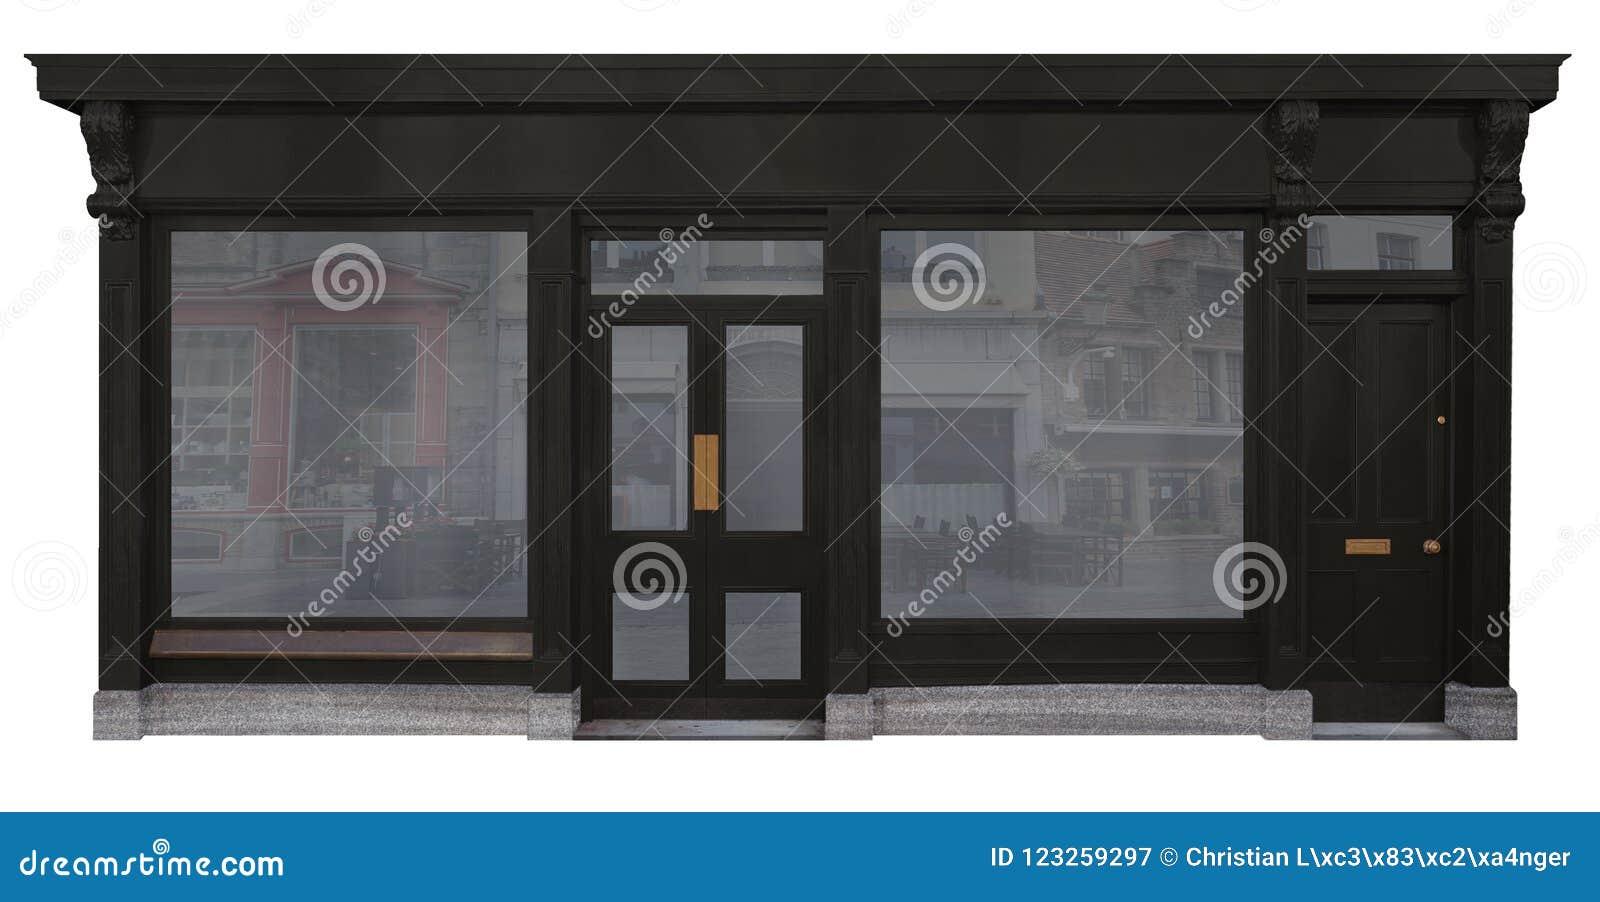 Fachada de la tienda con la fachada de madera negra aislada en el fondo blanco